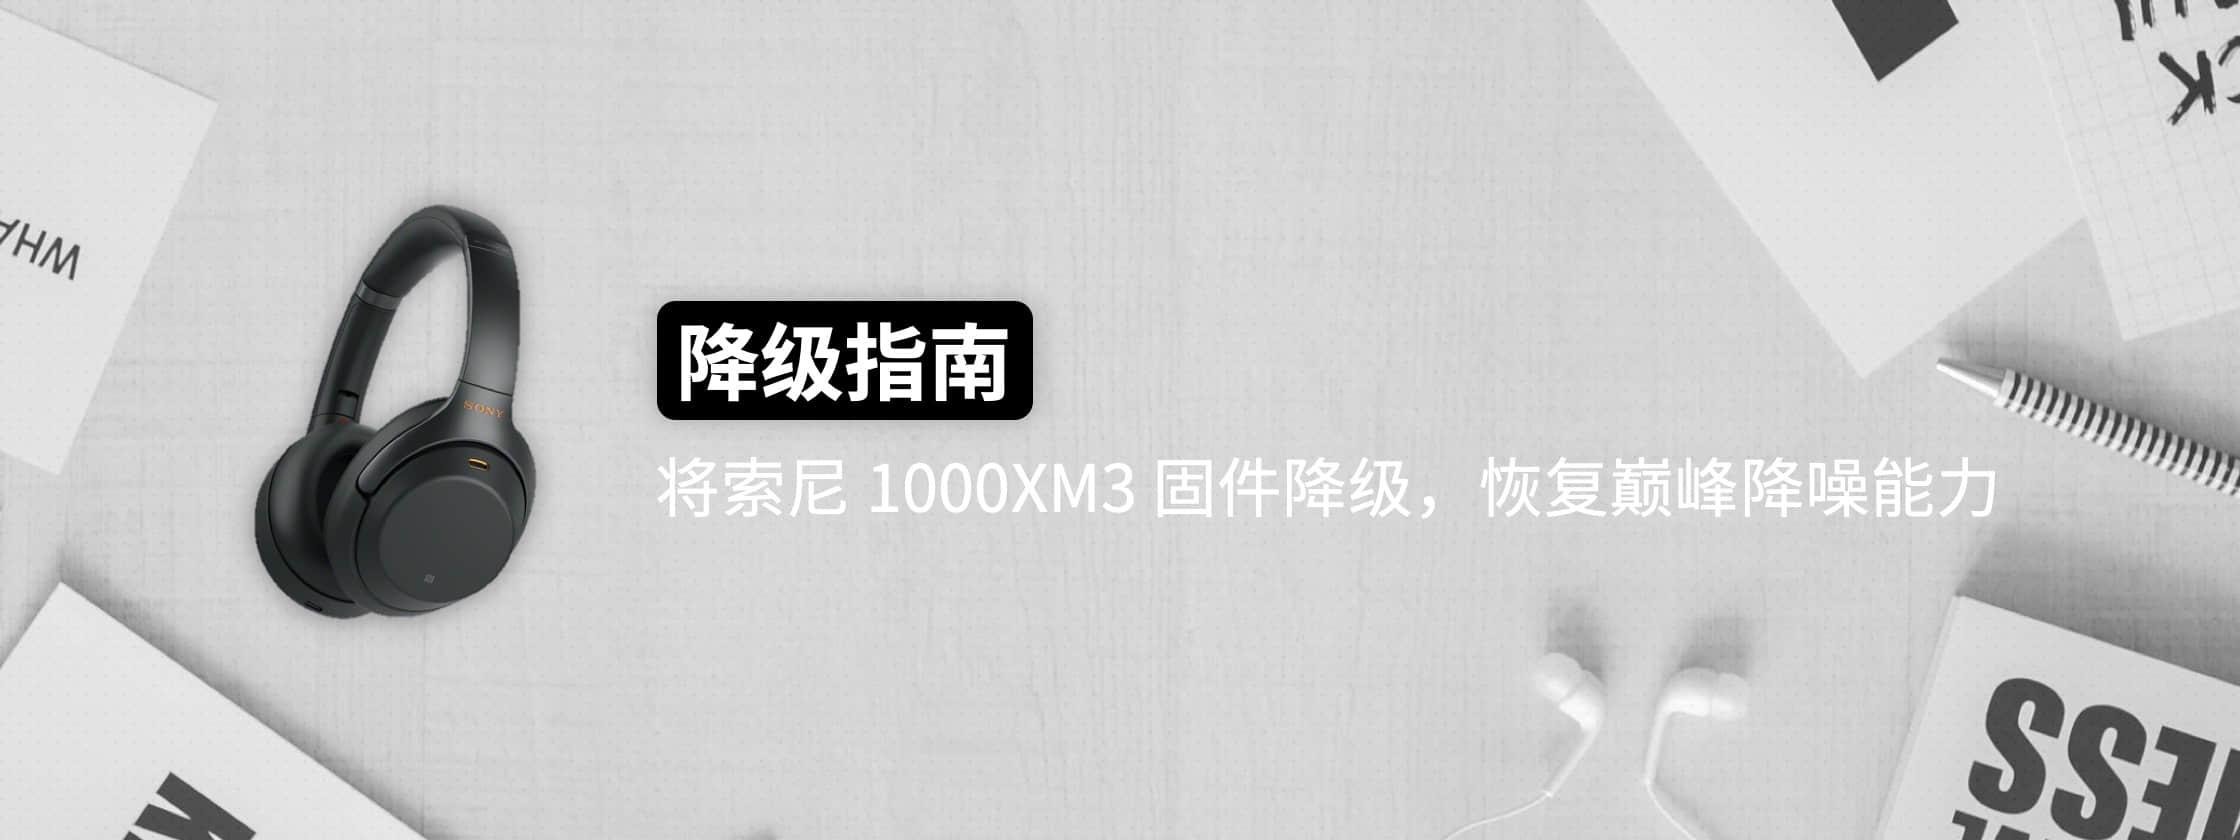 降级指南 | 将索尼 1000XM3 固件降级,恢复巅峰降噪能力